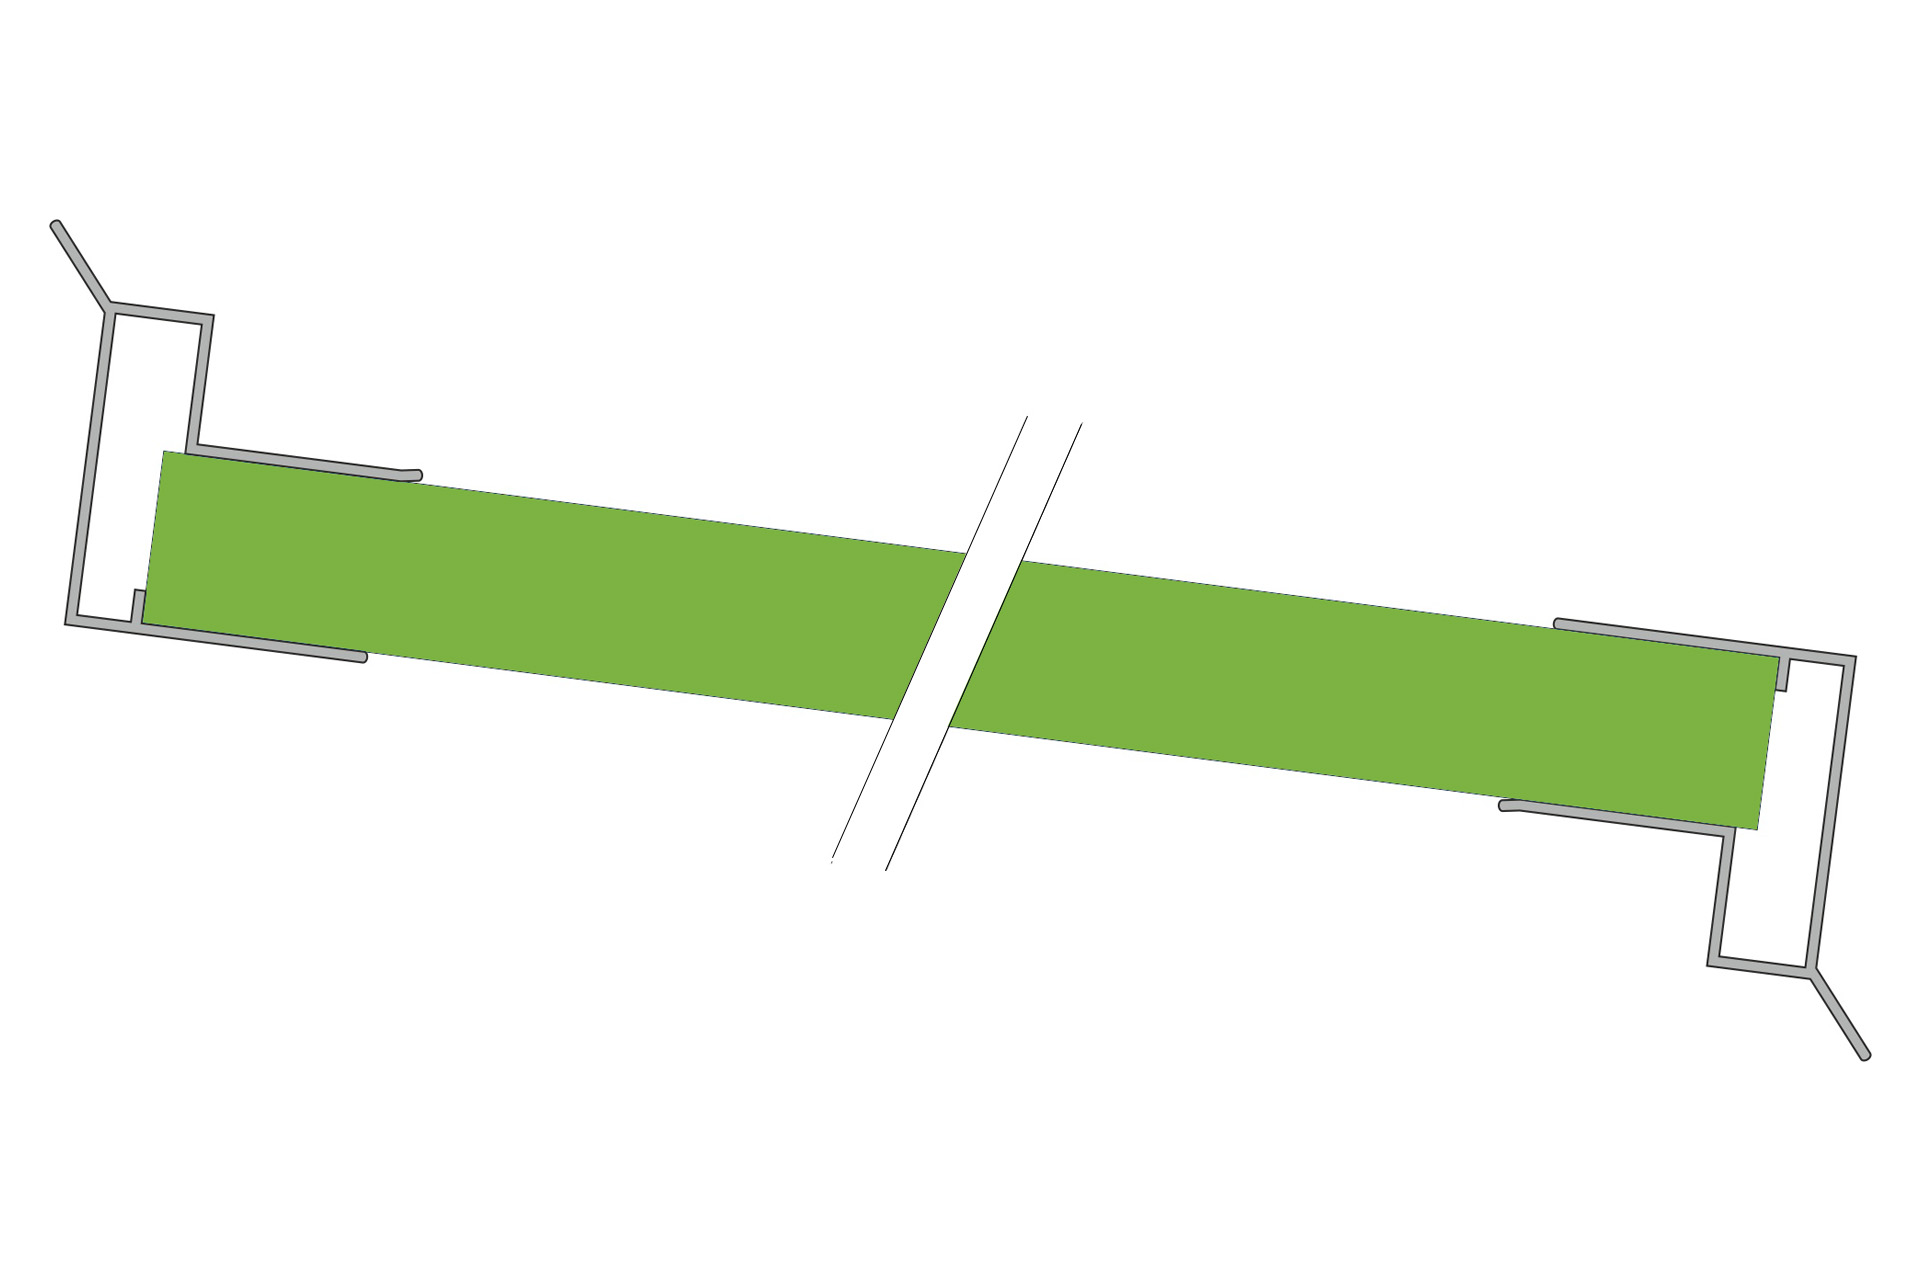 Alu Abschlussprofil mit Stegplatten im Wasserlauf Montage